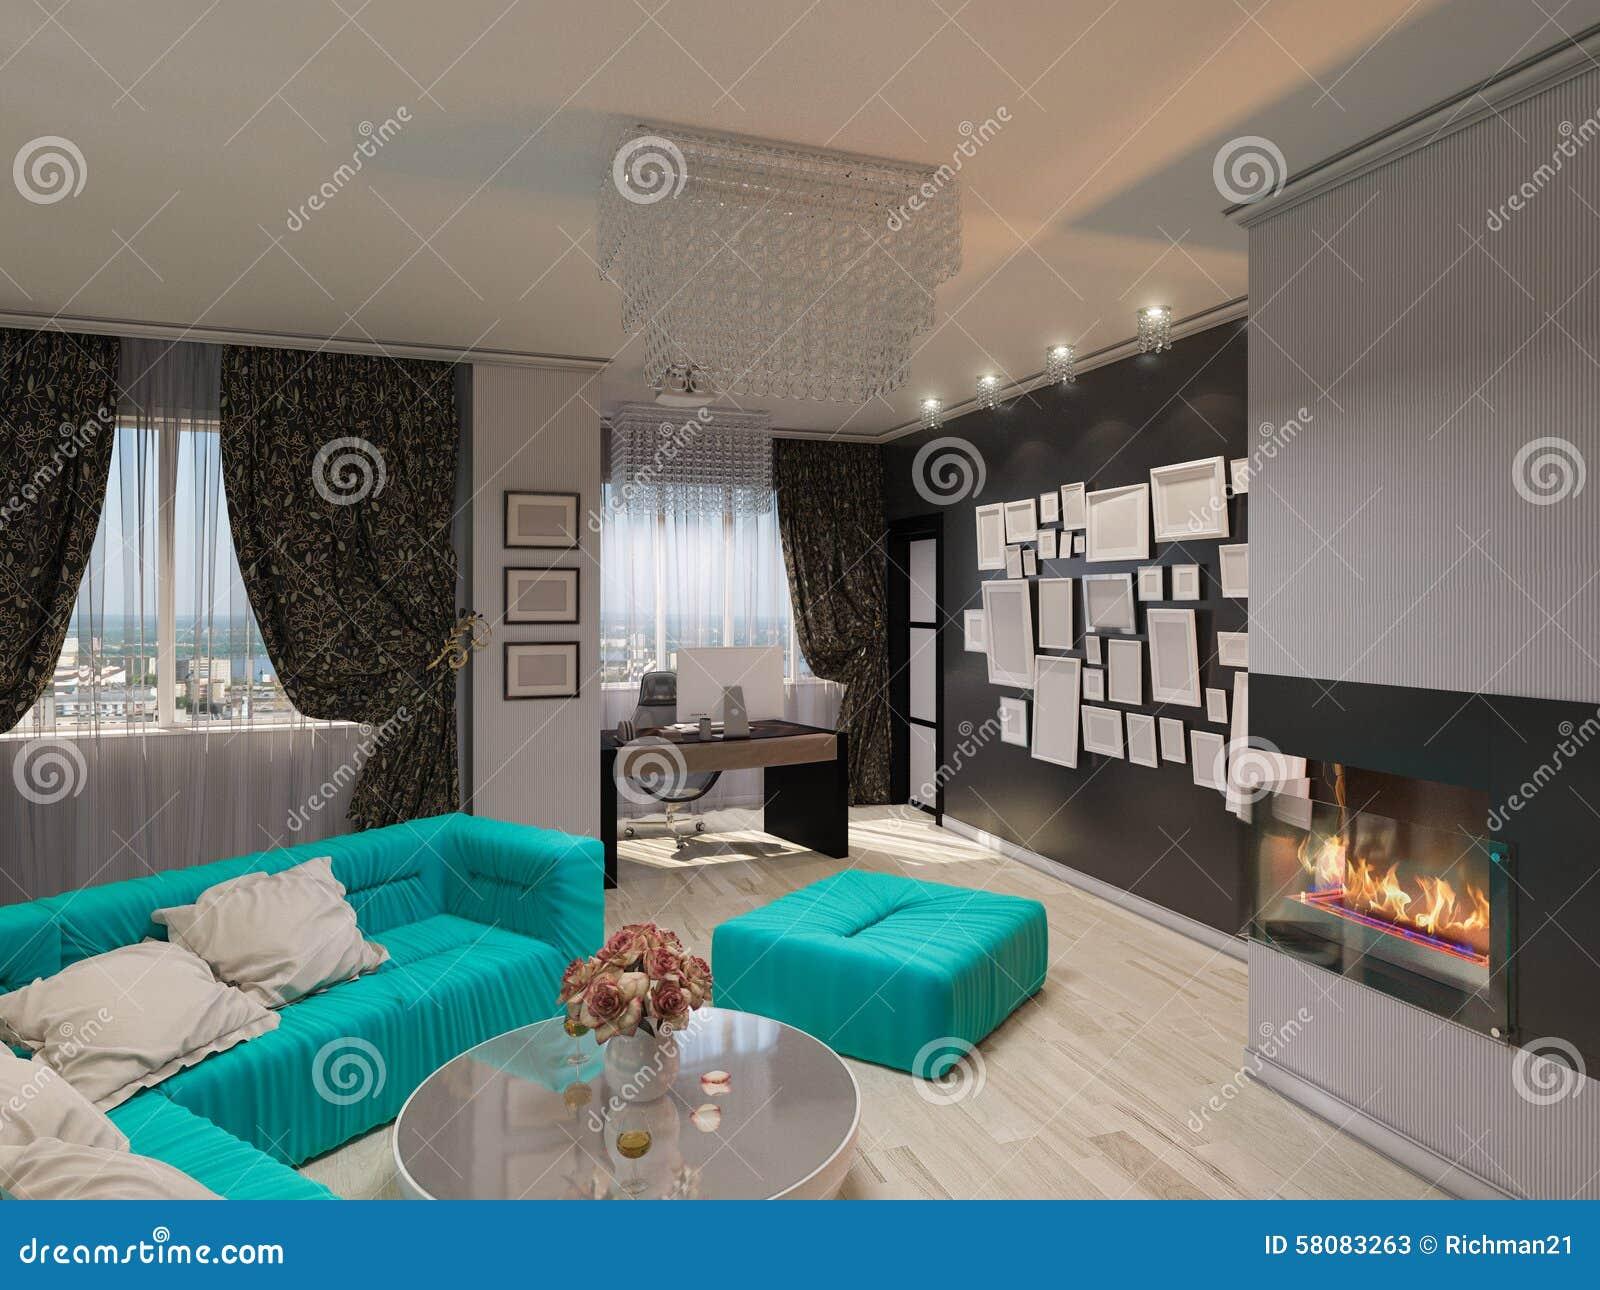 3d illustratie van een woonkamer in stijl van een art deco stock illustratie afbeelding 58083263 for Deco van woonkamer design